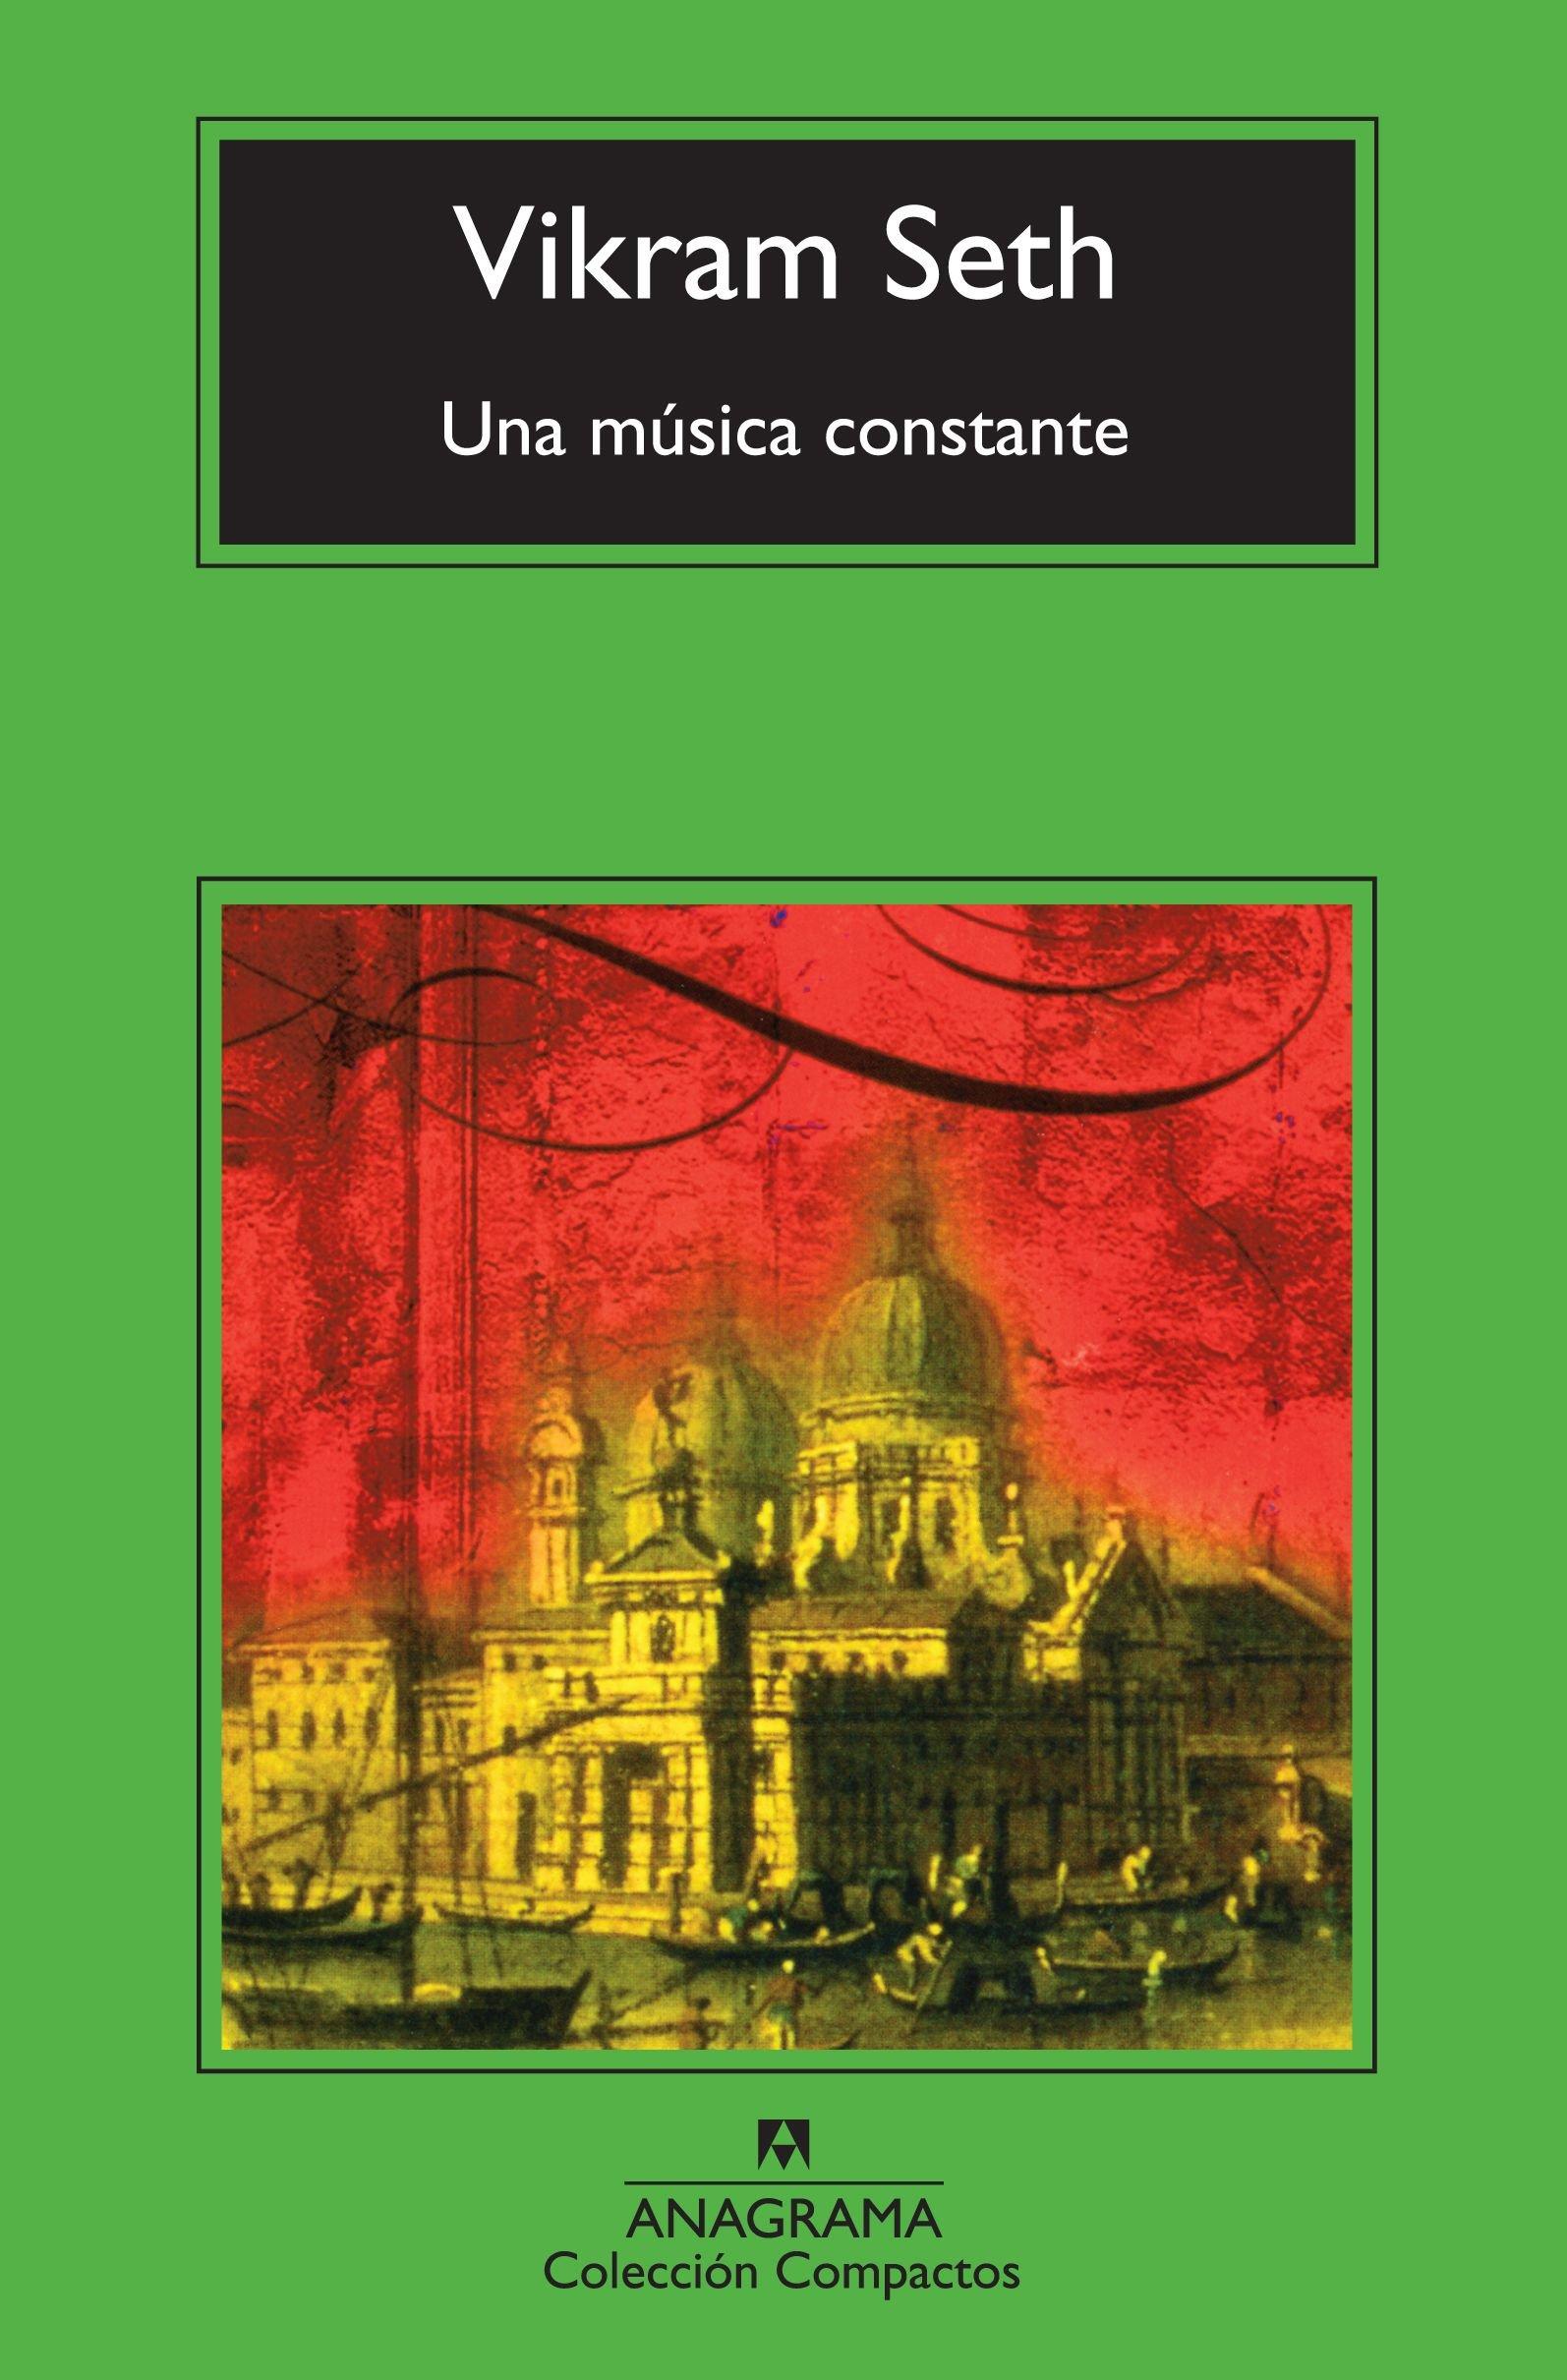 Una musica constante (Spanish Edition) (Coleccion Compactos) (Spanish) Paperback – November 30, 2013